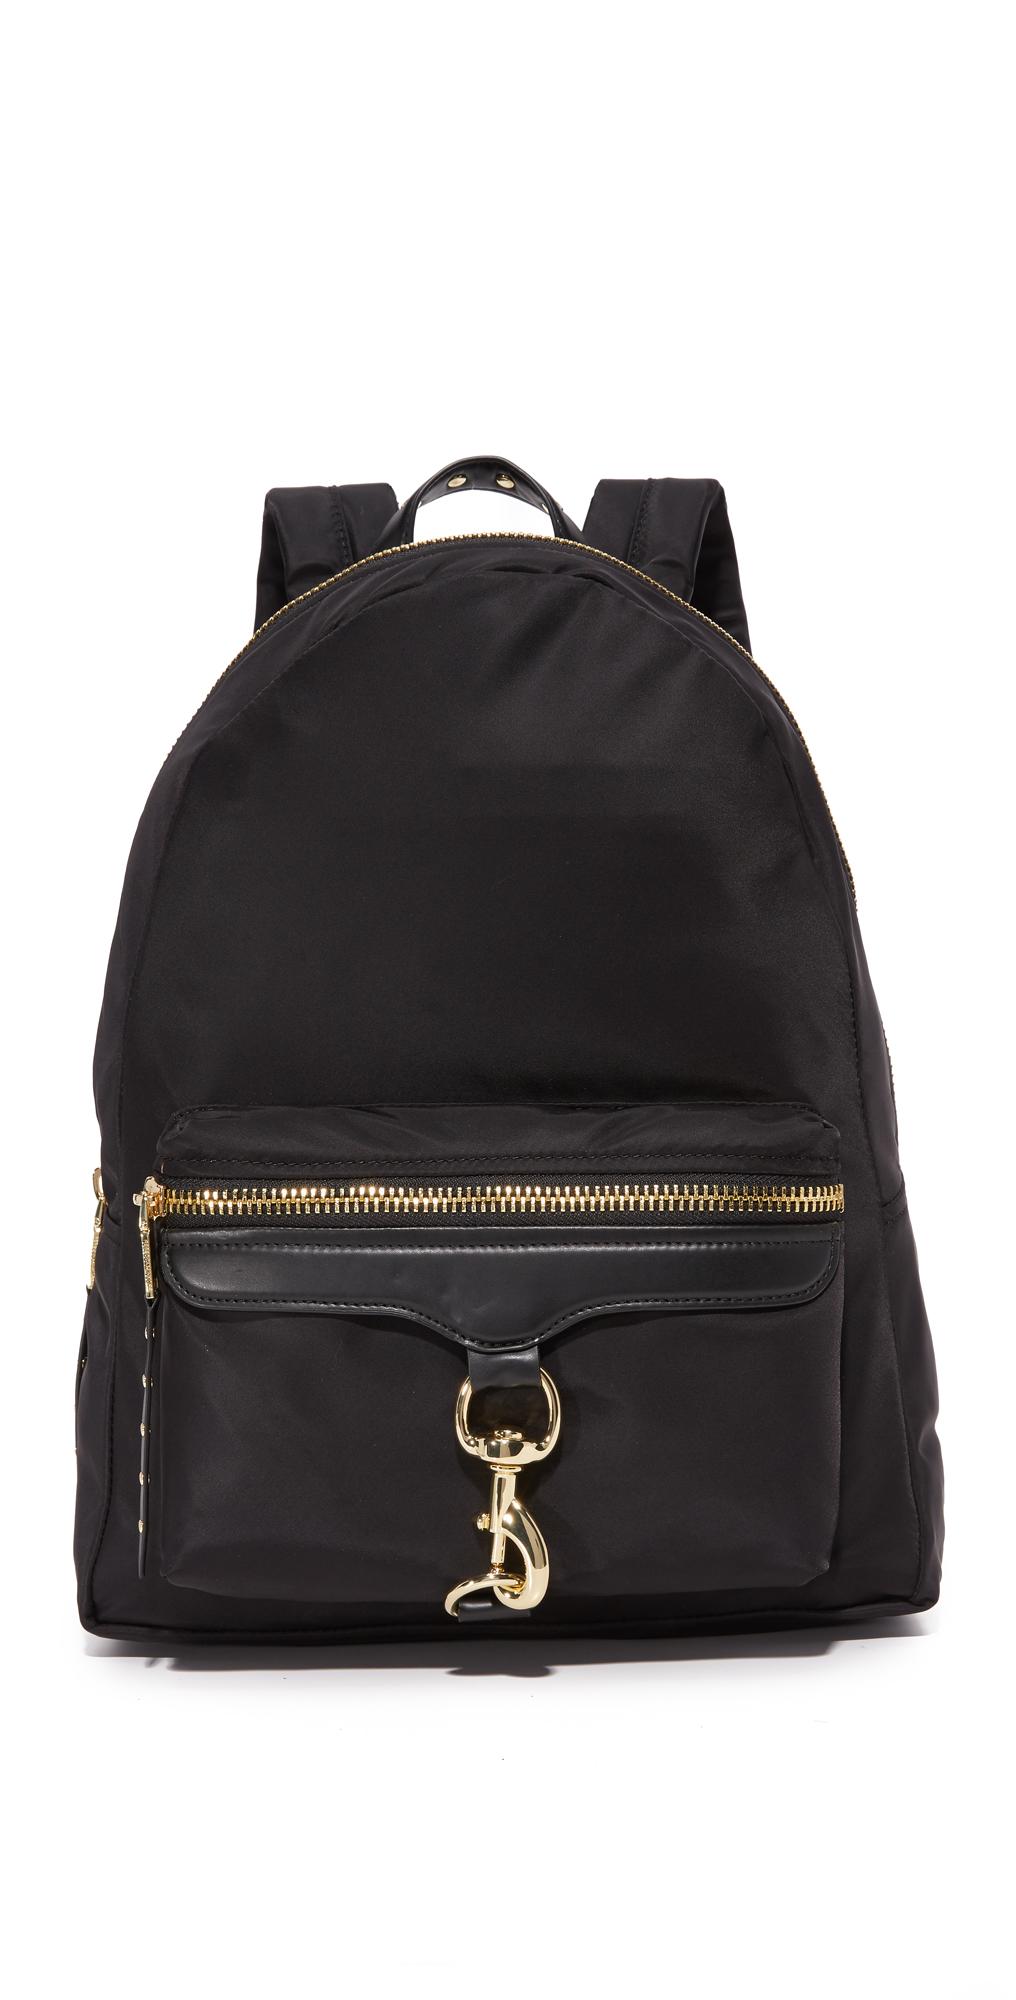 Always On MAB Backpack Rebecca Minkoff